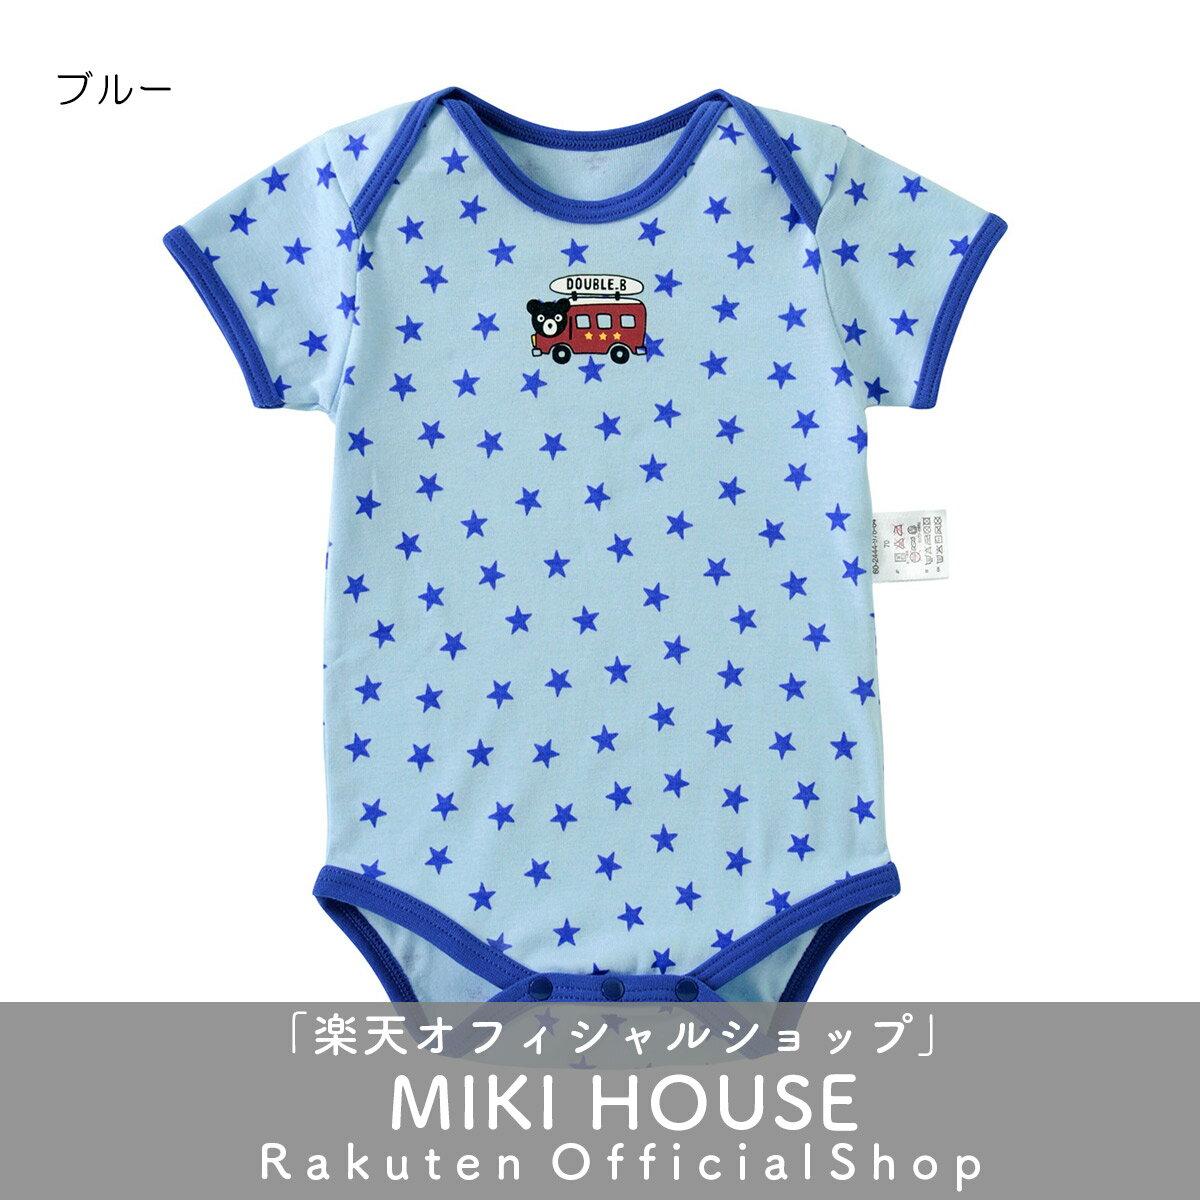 【セール】ミキハウス ダブルビー mikihouse 星柄半袖ボディシャツ(70cm・80cm・90cm)